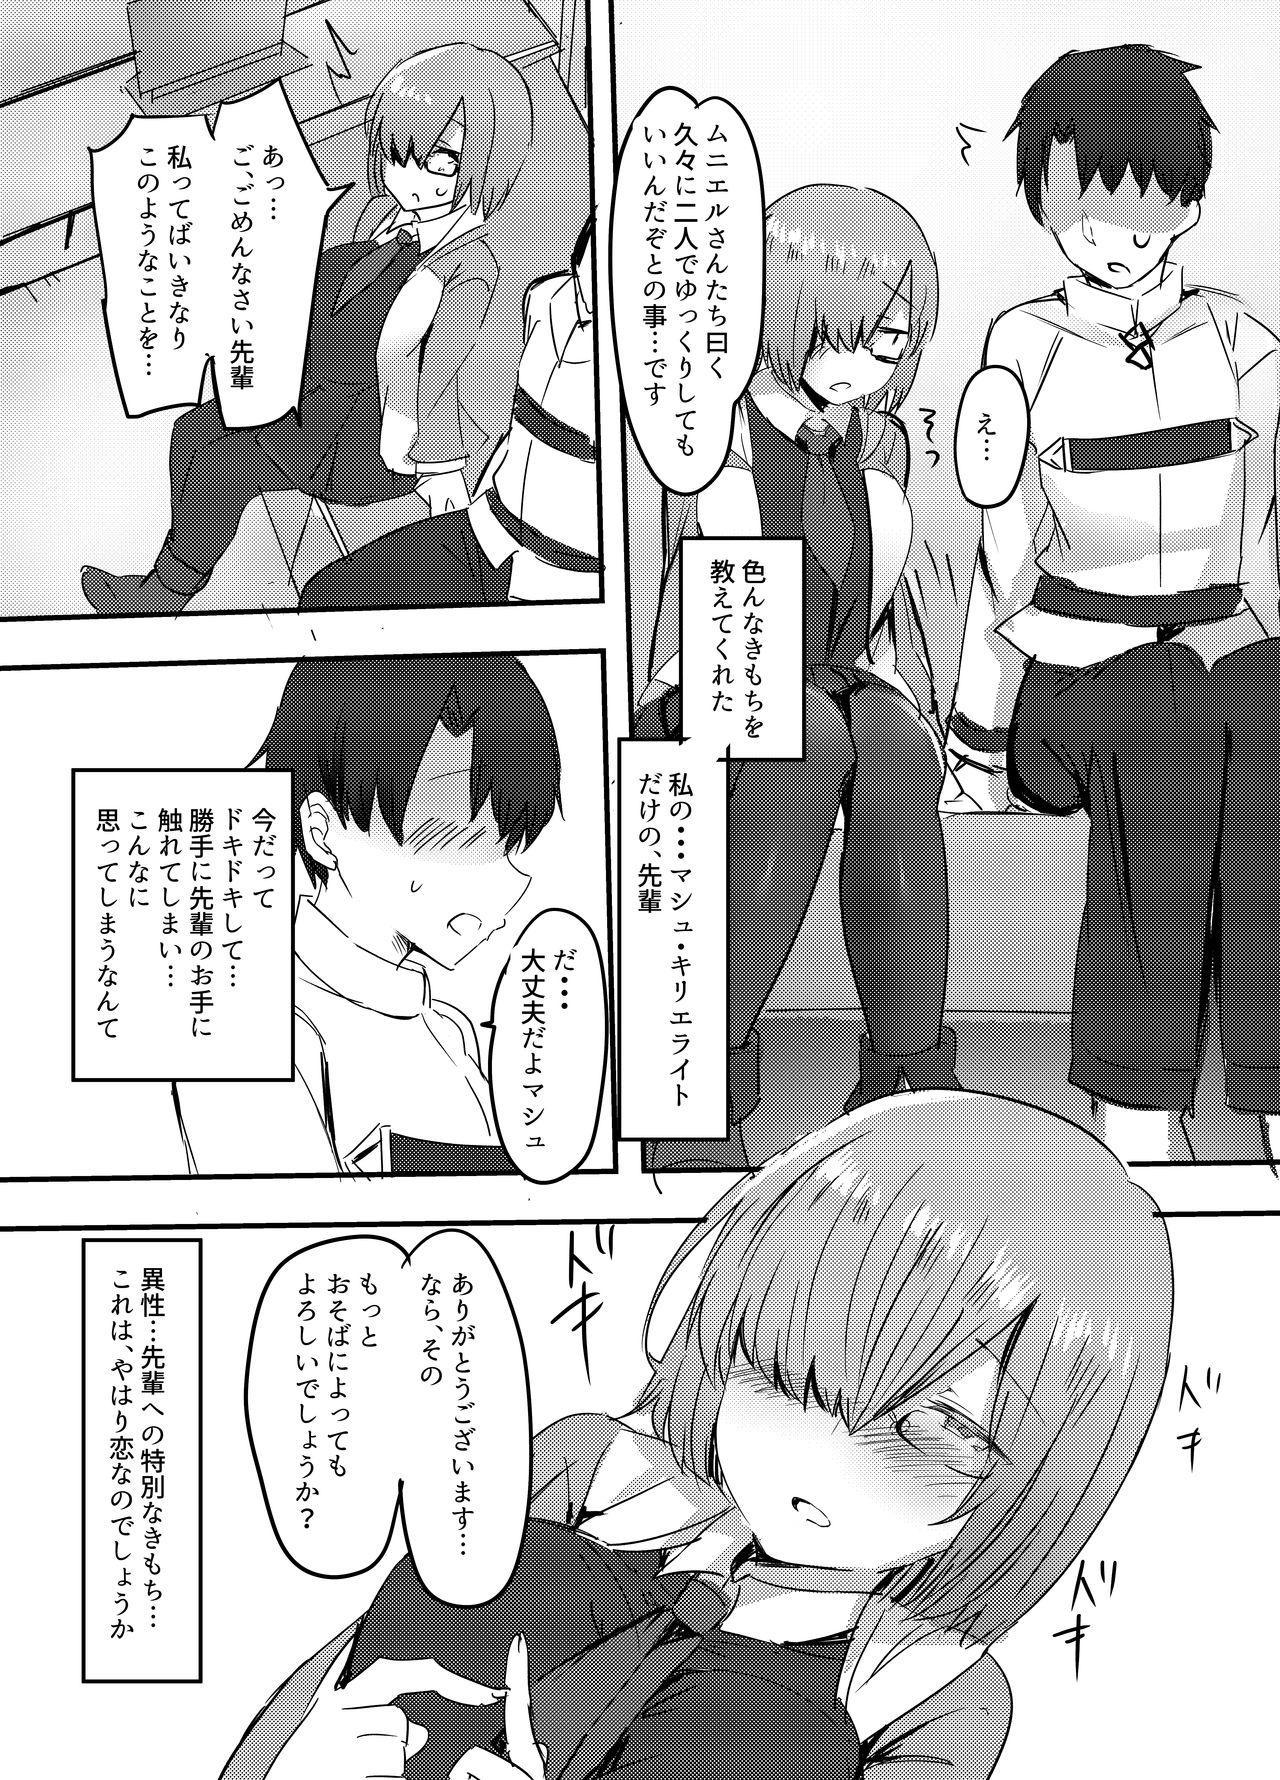 Daisuki na Daisuki na Watashi dake no Senpai. 1